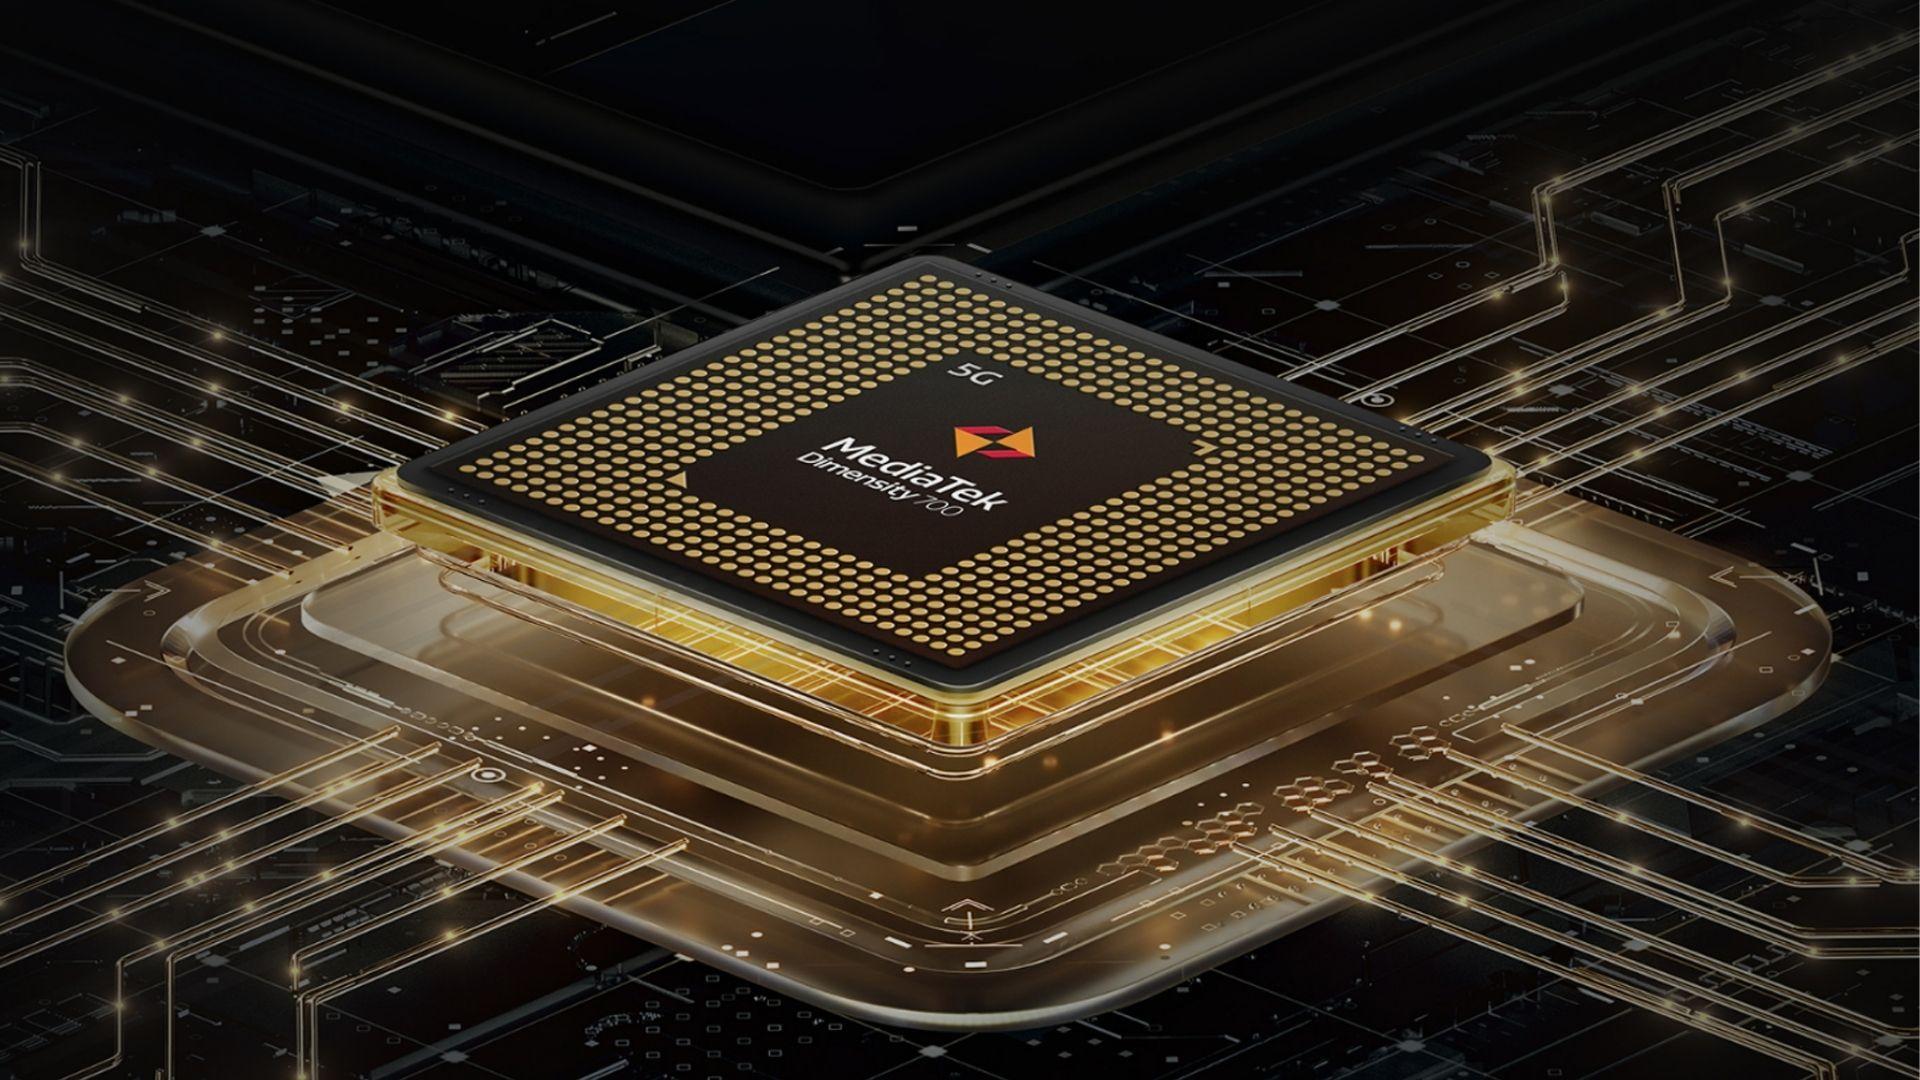 O Dimensity 700 é um processador indicado para uso no dia a dia. (Foto: Divulgação/Xiaomi)